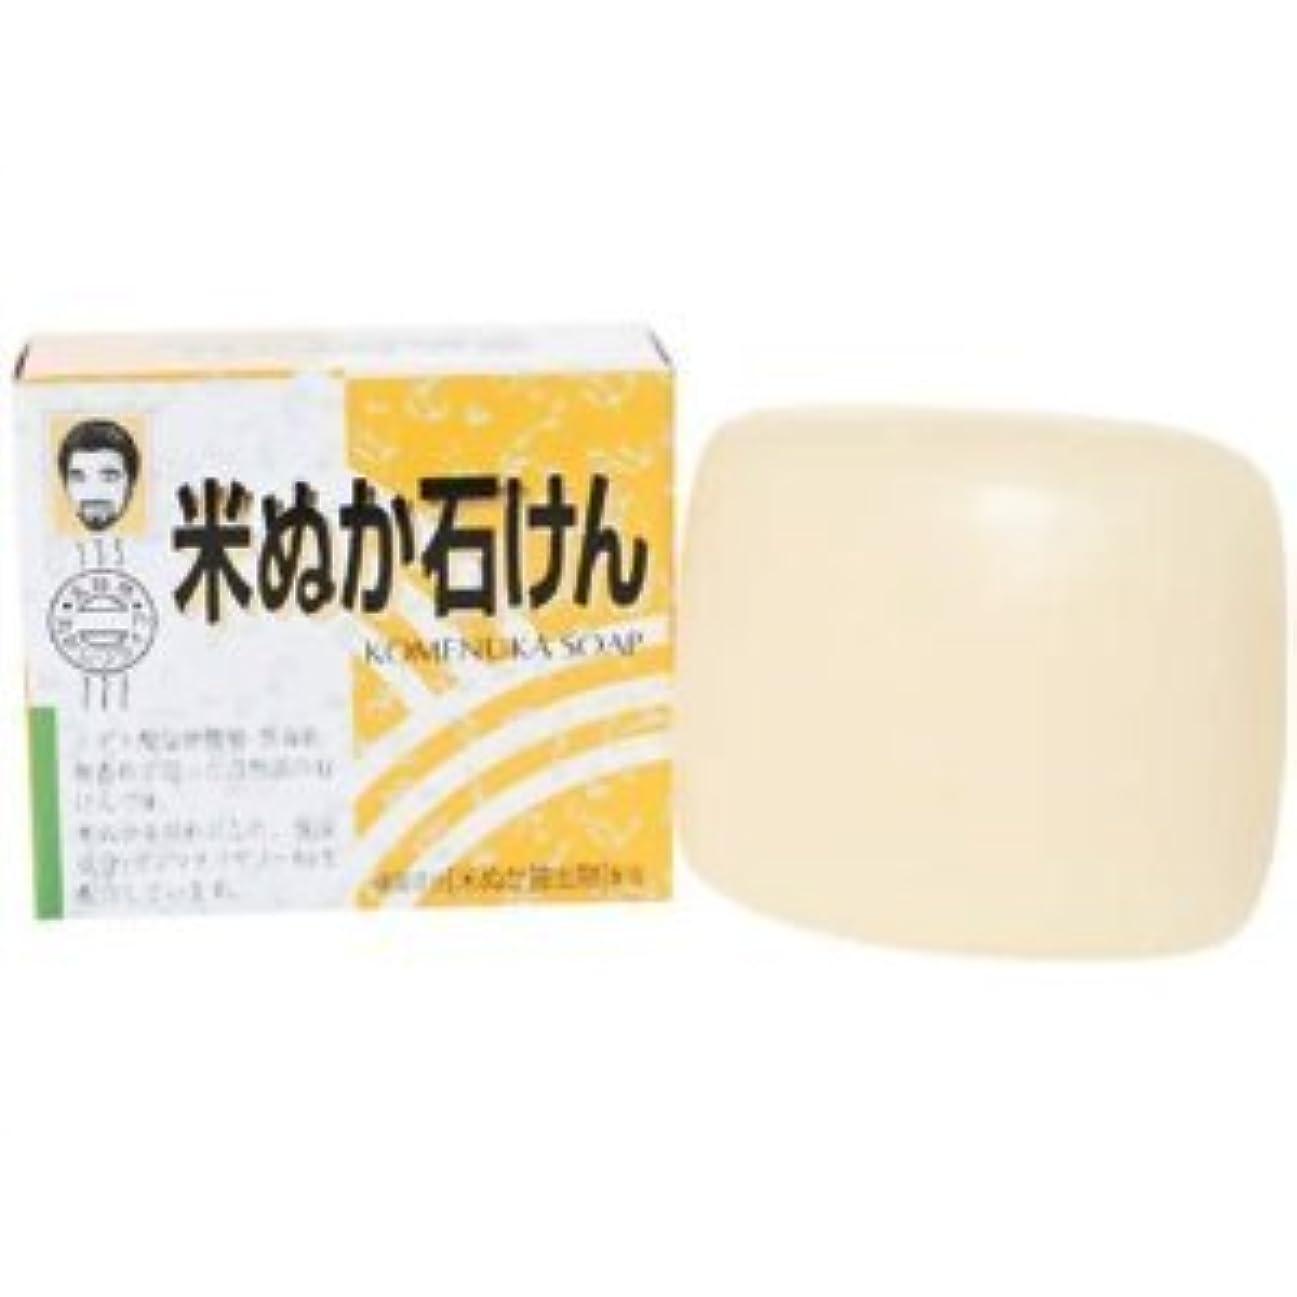 サージ羊の多様なお得な24個セット!! 健康フーズ 米ぬか石鹸80gx24個